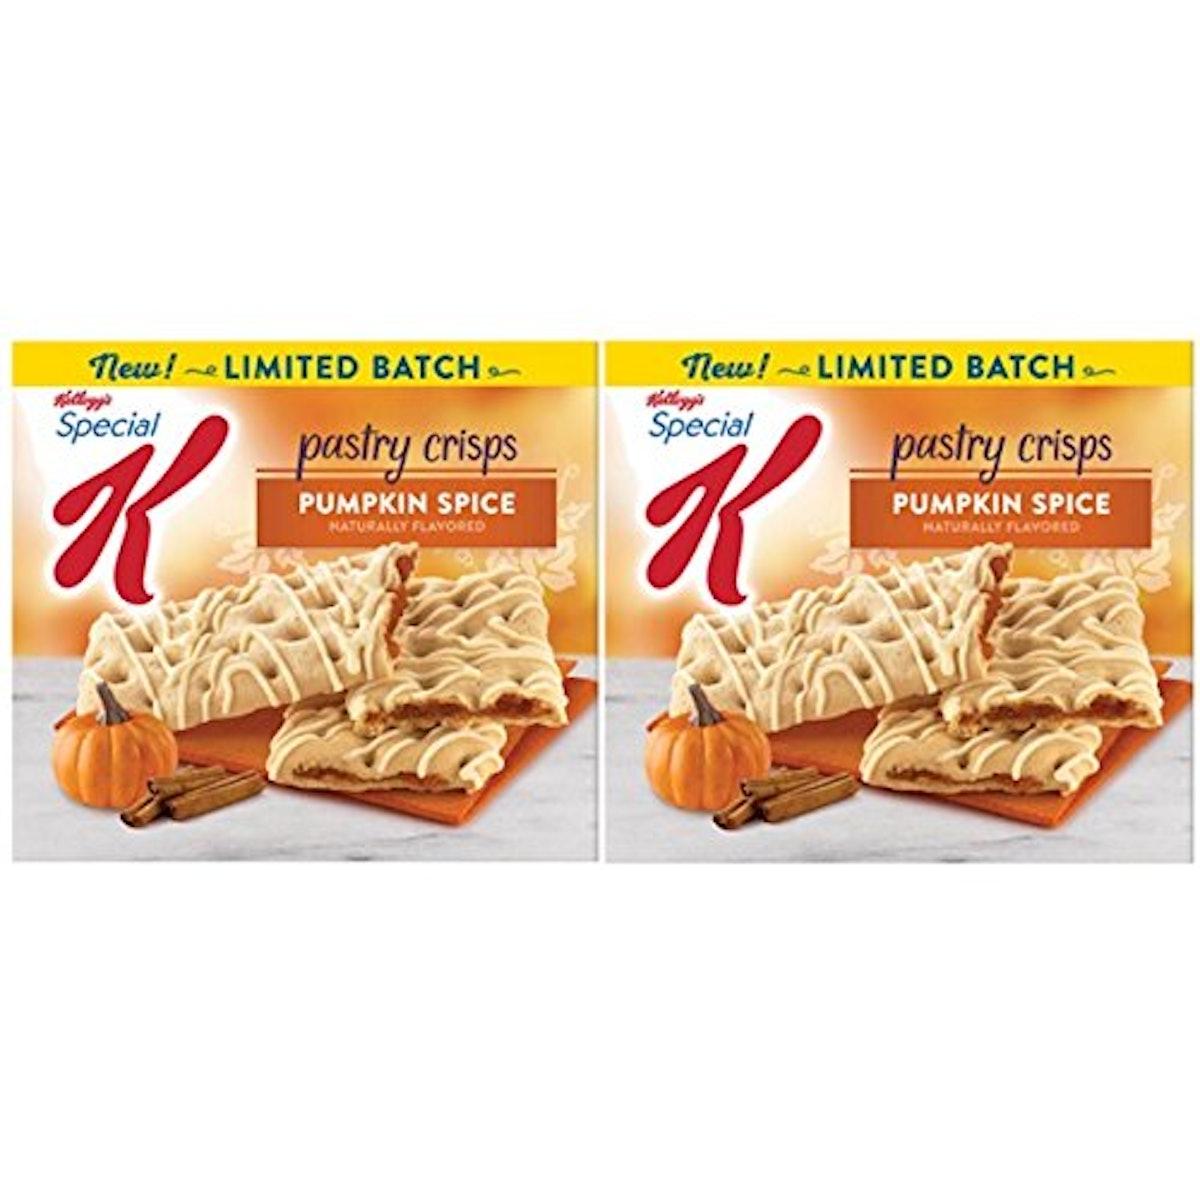 Kellogg's Special K Pumpkin Spice Pastry Crisps